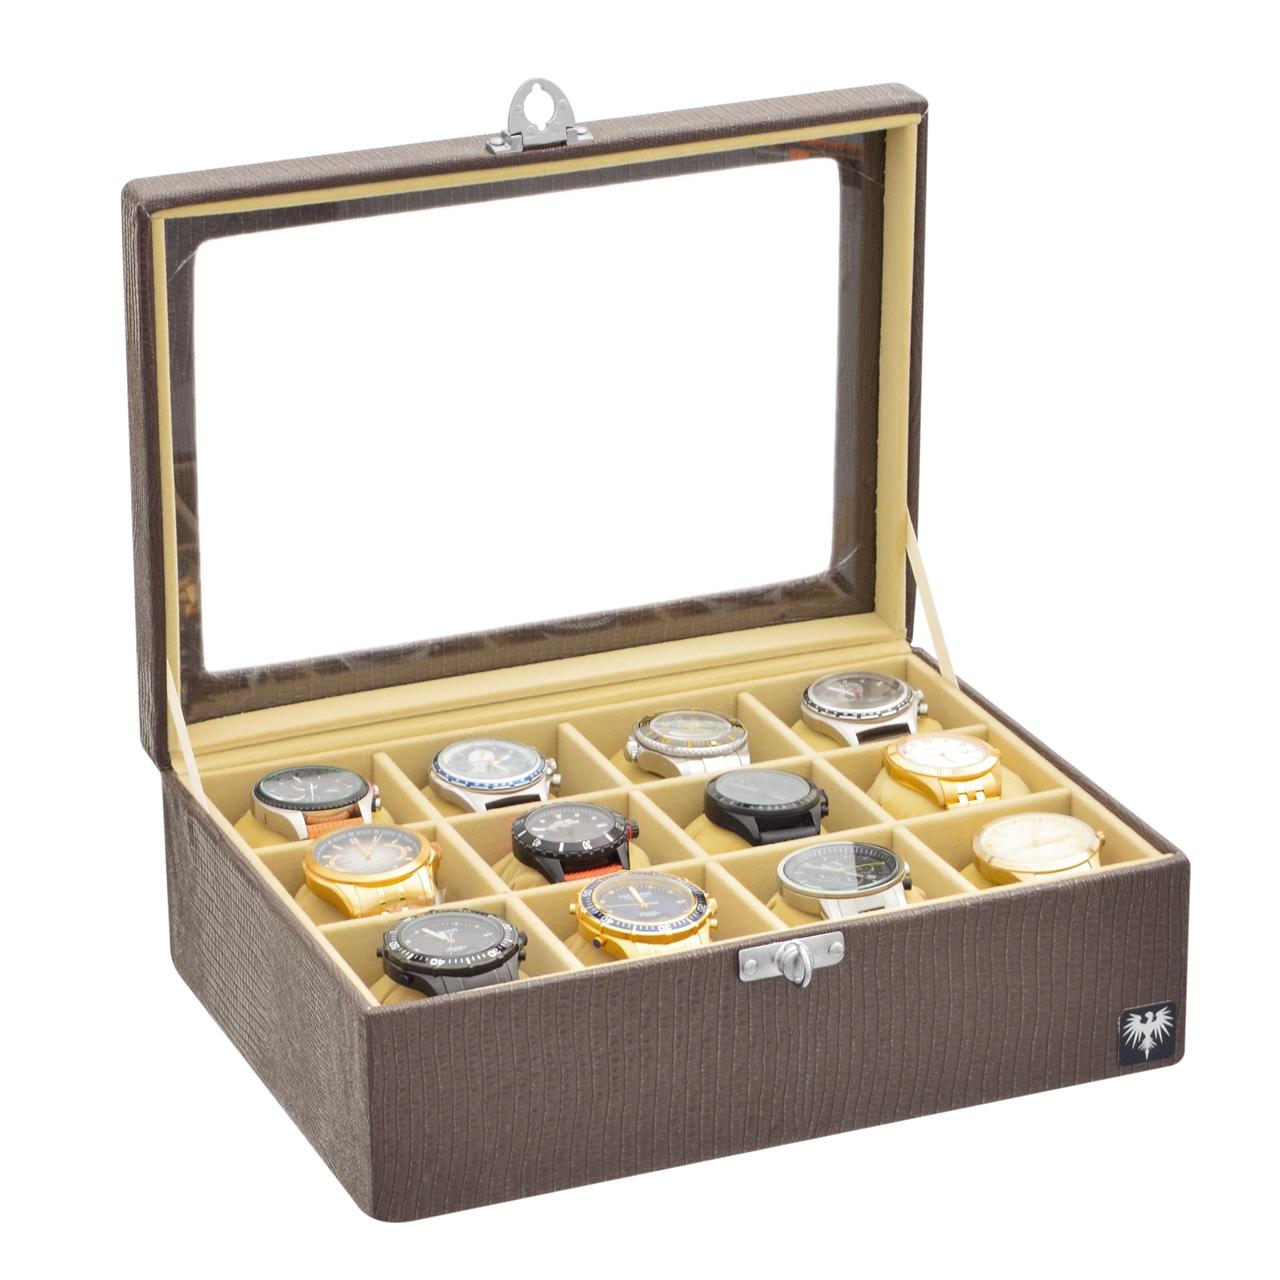 estojo-couro-ecologico-12-relogios-marrom-bege-porta-caixa-imagem-3.jpg